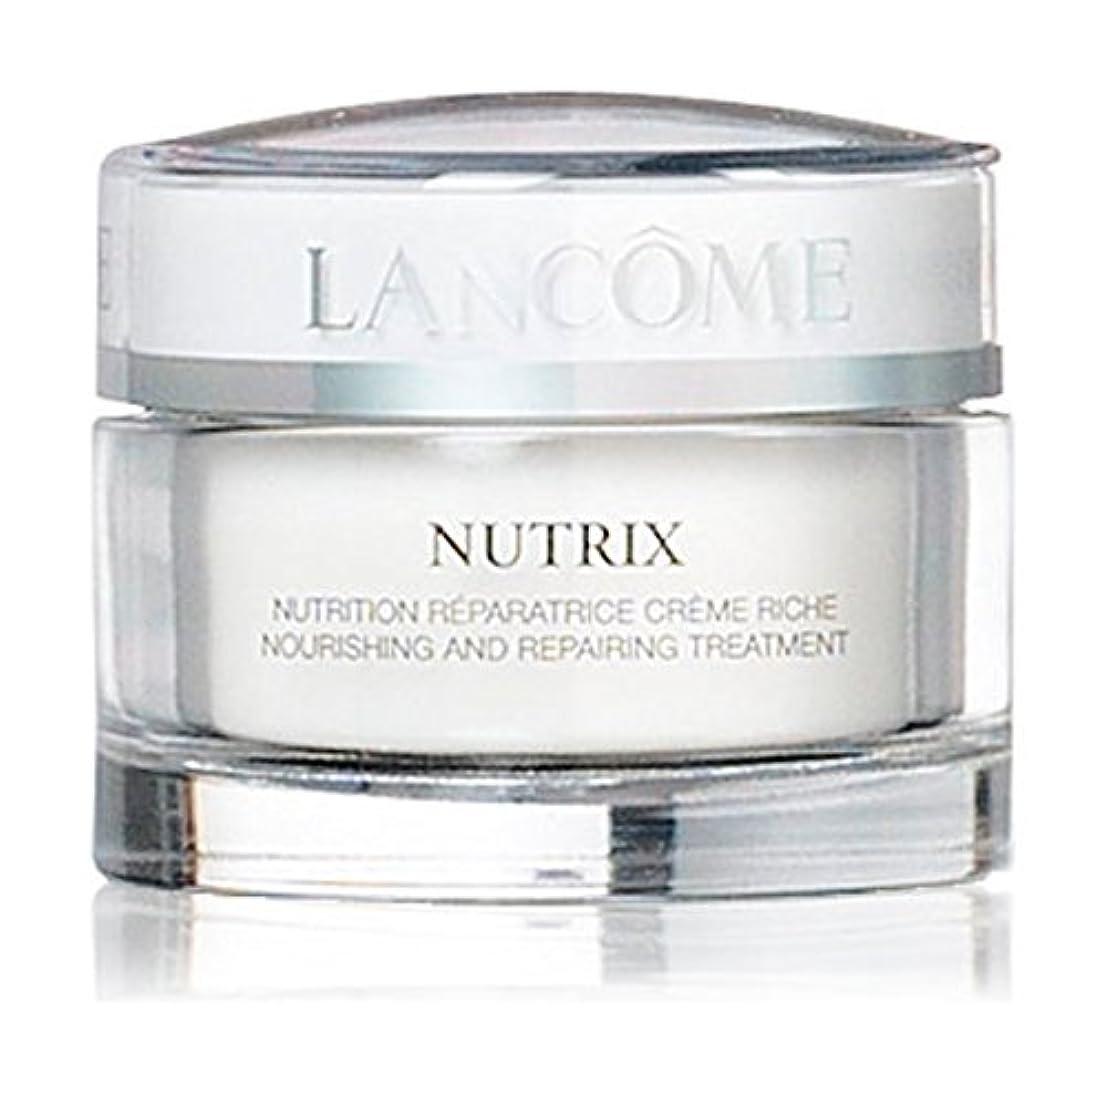 メッセージ恥ハンドブックランコム Nutrix Nourishing And Repairing Treatment Rich Cream - For Very Dry, Sensitive Or Irritated Skin 50ml/1.7oz...